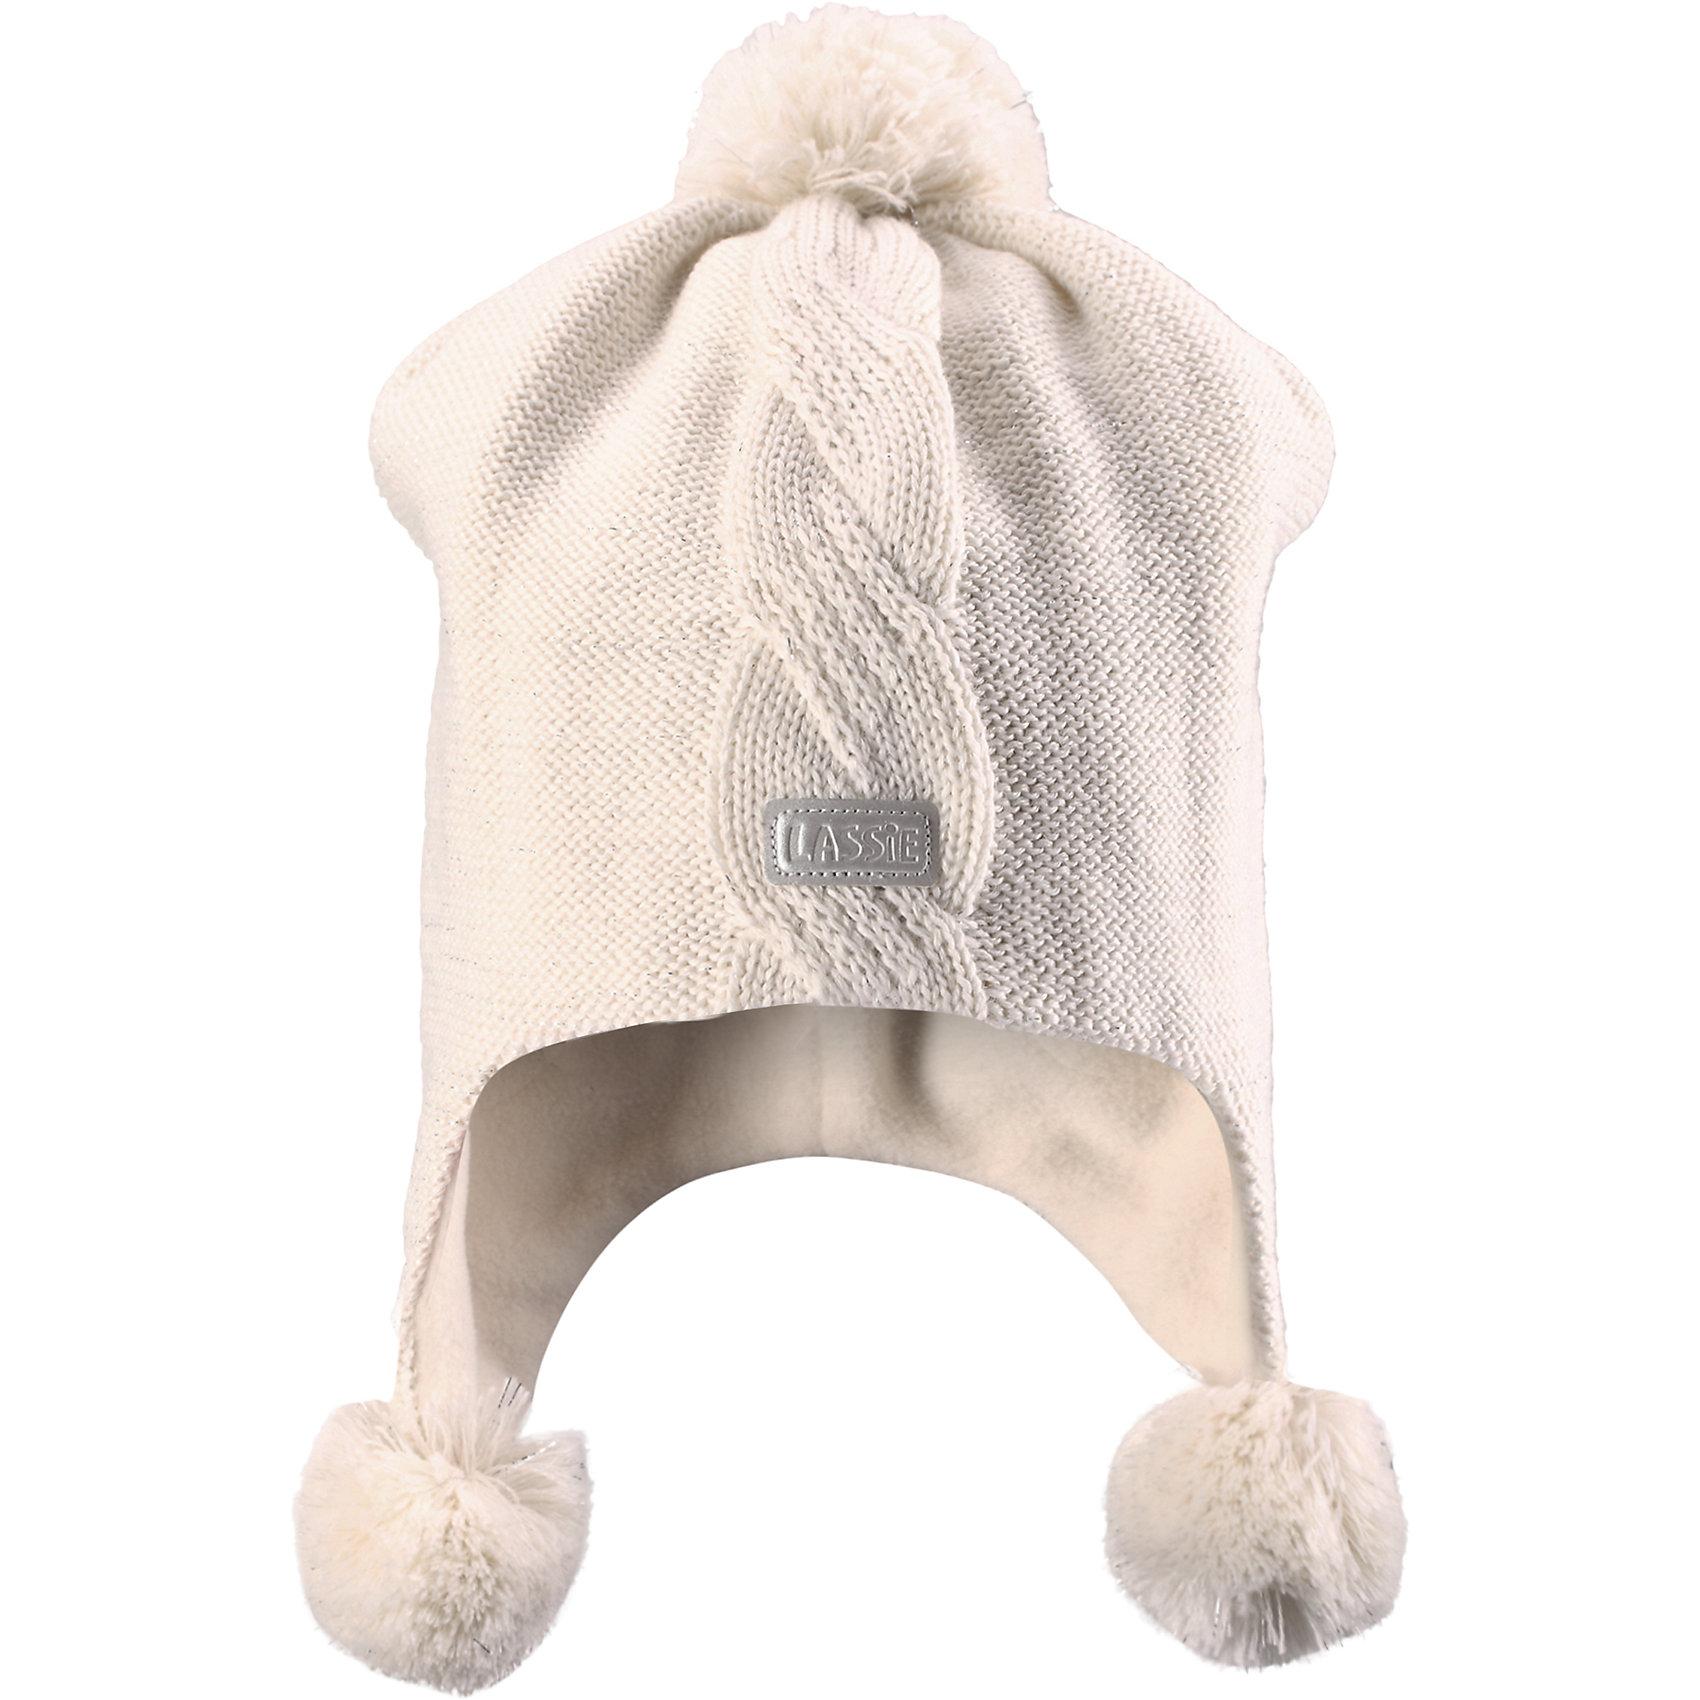 Шапка для девочки LASSIEШапка «Бини» для детей известной финской марки.<br><br>- Мягкая и теплая ткань из смеси шерсти.<br><br>- Ветронепроницаемые вставки в области ушей.<br>- Мягкая теплая подкладка из флиса. <br>- Помпон сверху. <br>- Декоративная структура поверхности. <br>- Светоотражающая эмблема Lassie® спереди.  <br><br>Рекомендации по уходу: Придать первоначальную форму вo влажном виде. <br><br>Возможна усадка 5 %.Состав: 50% Шерсть, 50% полиакрил.<br><br>Ширина мм: 89<br>Глубина мм: 117<br>Высота мм: 44<br>Вес г: 155<br>Цвет: белый<br>Возраст от месяцев: 72<br>Возраст до месяцев: 120<br>Пол: Женский<br>Возраст: Детский<br>Размер: 54-56,46-48,50-52<br>SKU: 4780745